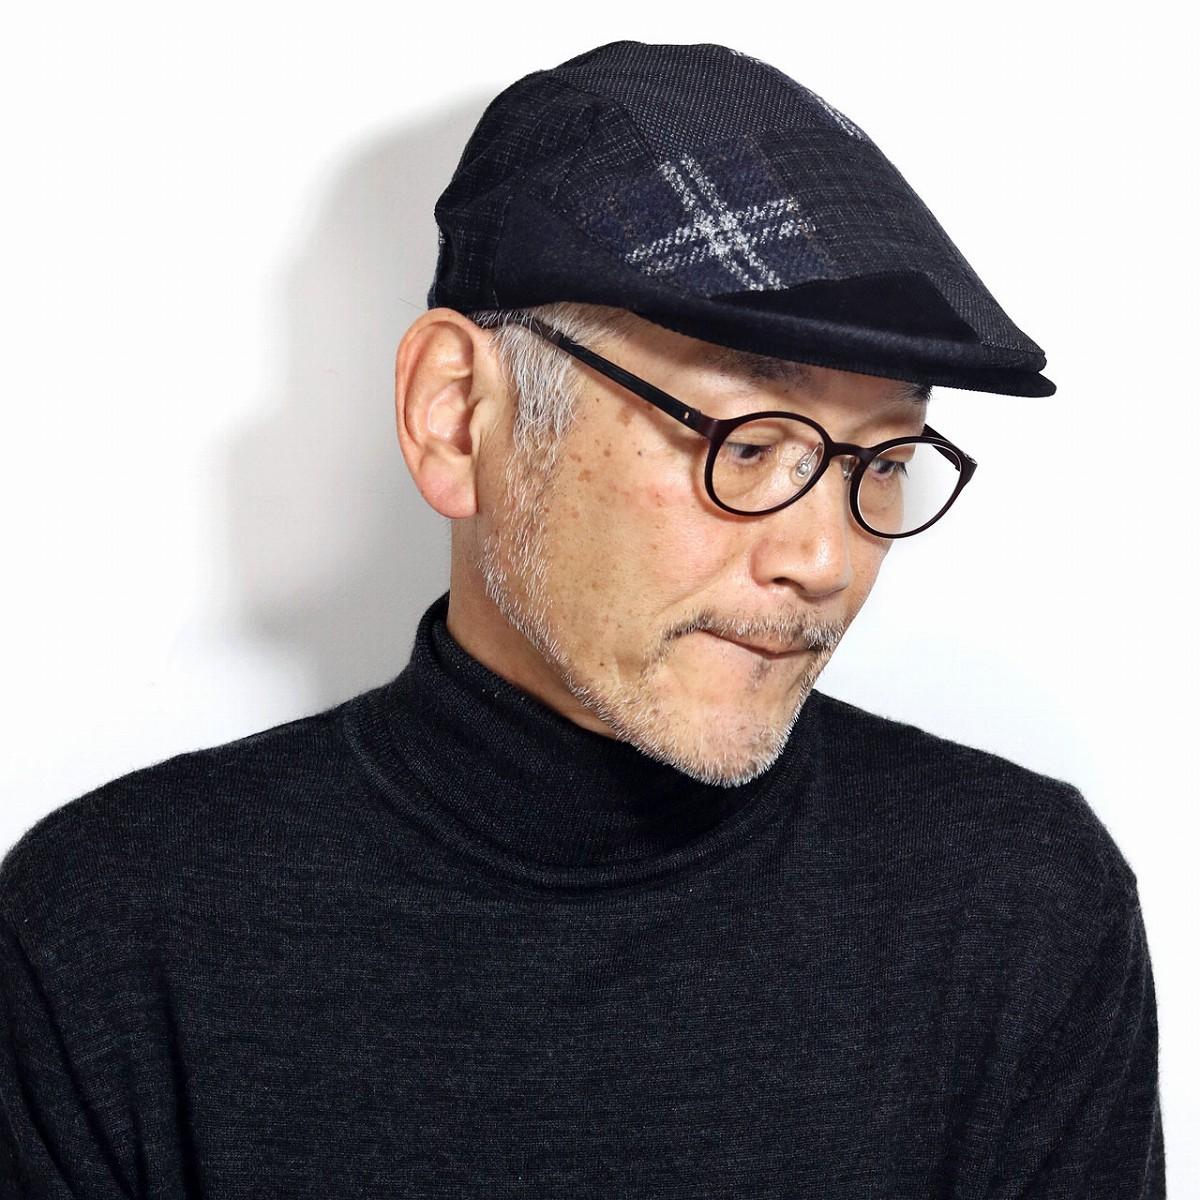 ハンチング帽 メンズ 黒 チェック柄 ダックス 帽子 日本製 ハンチング フランネル ツイード パッチワーク イギリス ブランド DAKS ハンチングキャップ 紳士 S M L LL / ブラック[ ivy cap ]男性 誕生日 帽子 父の日 ギフト プレゼント